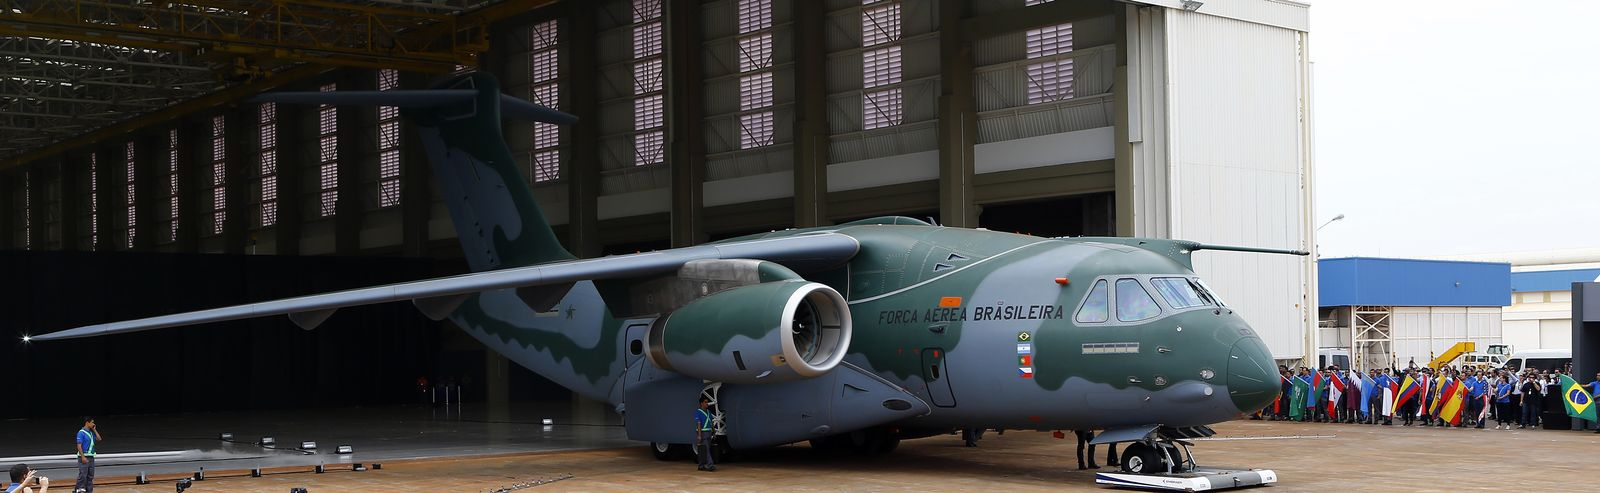 KC-390/ Embraer